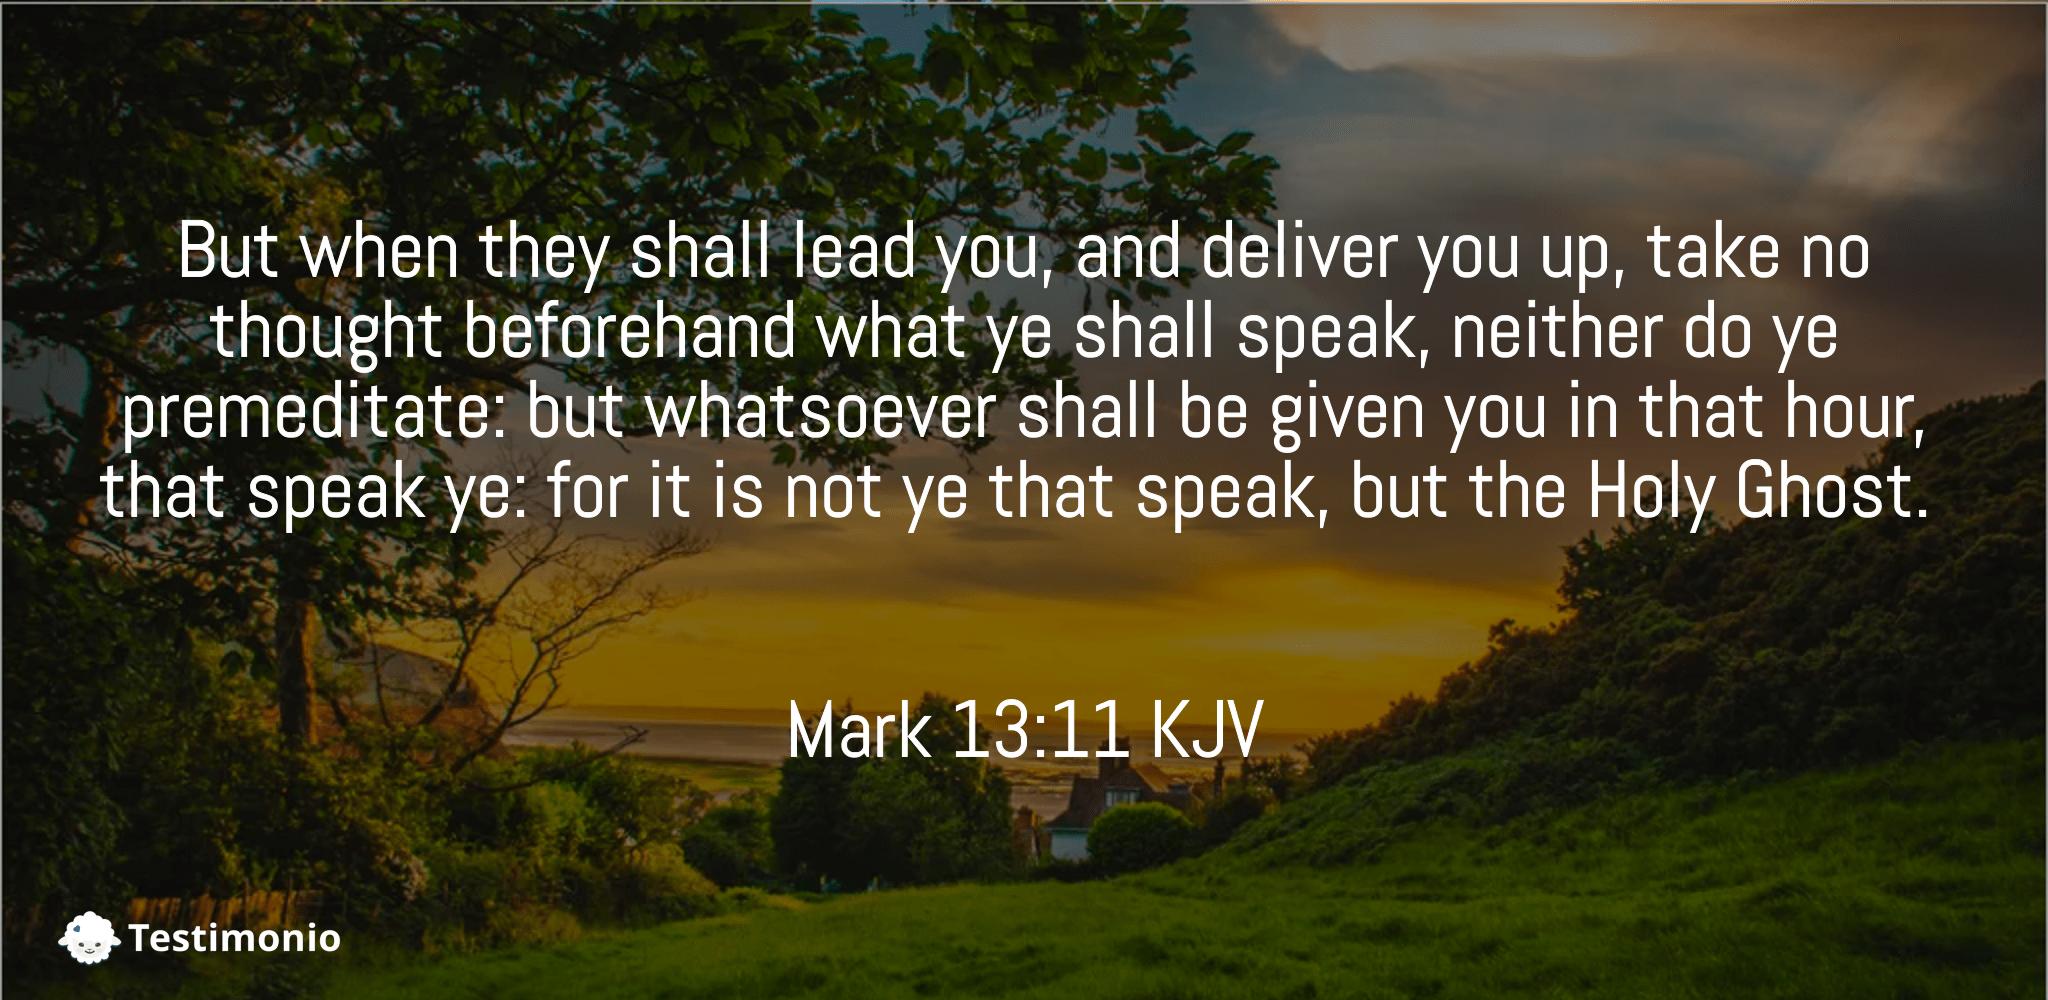 Mark 13:11